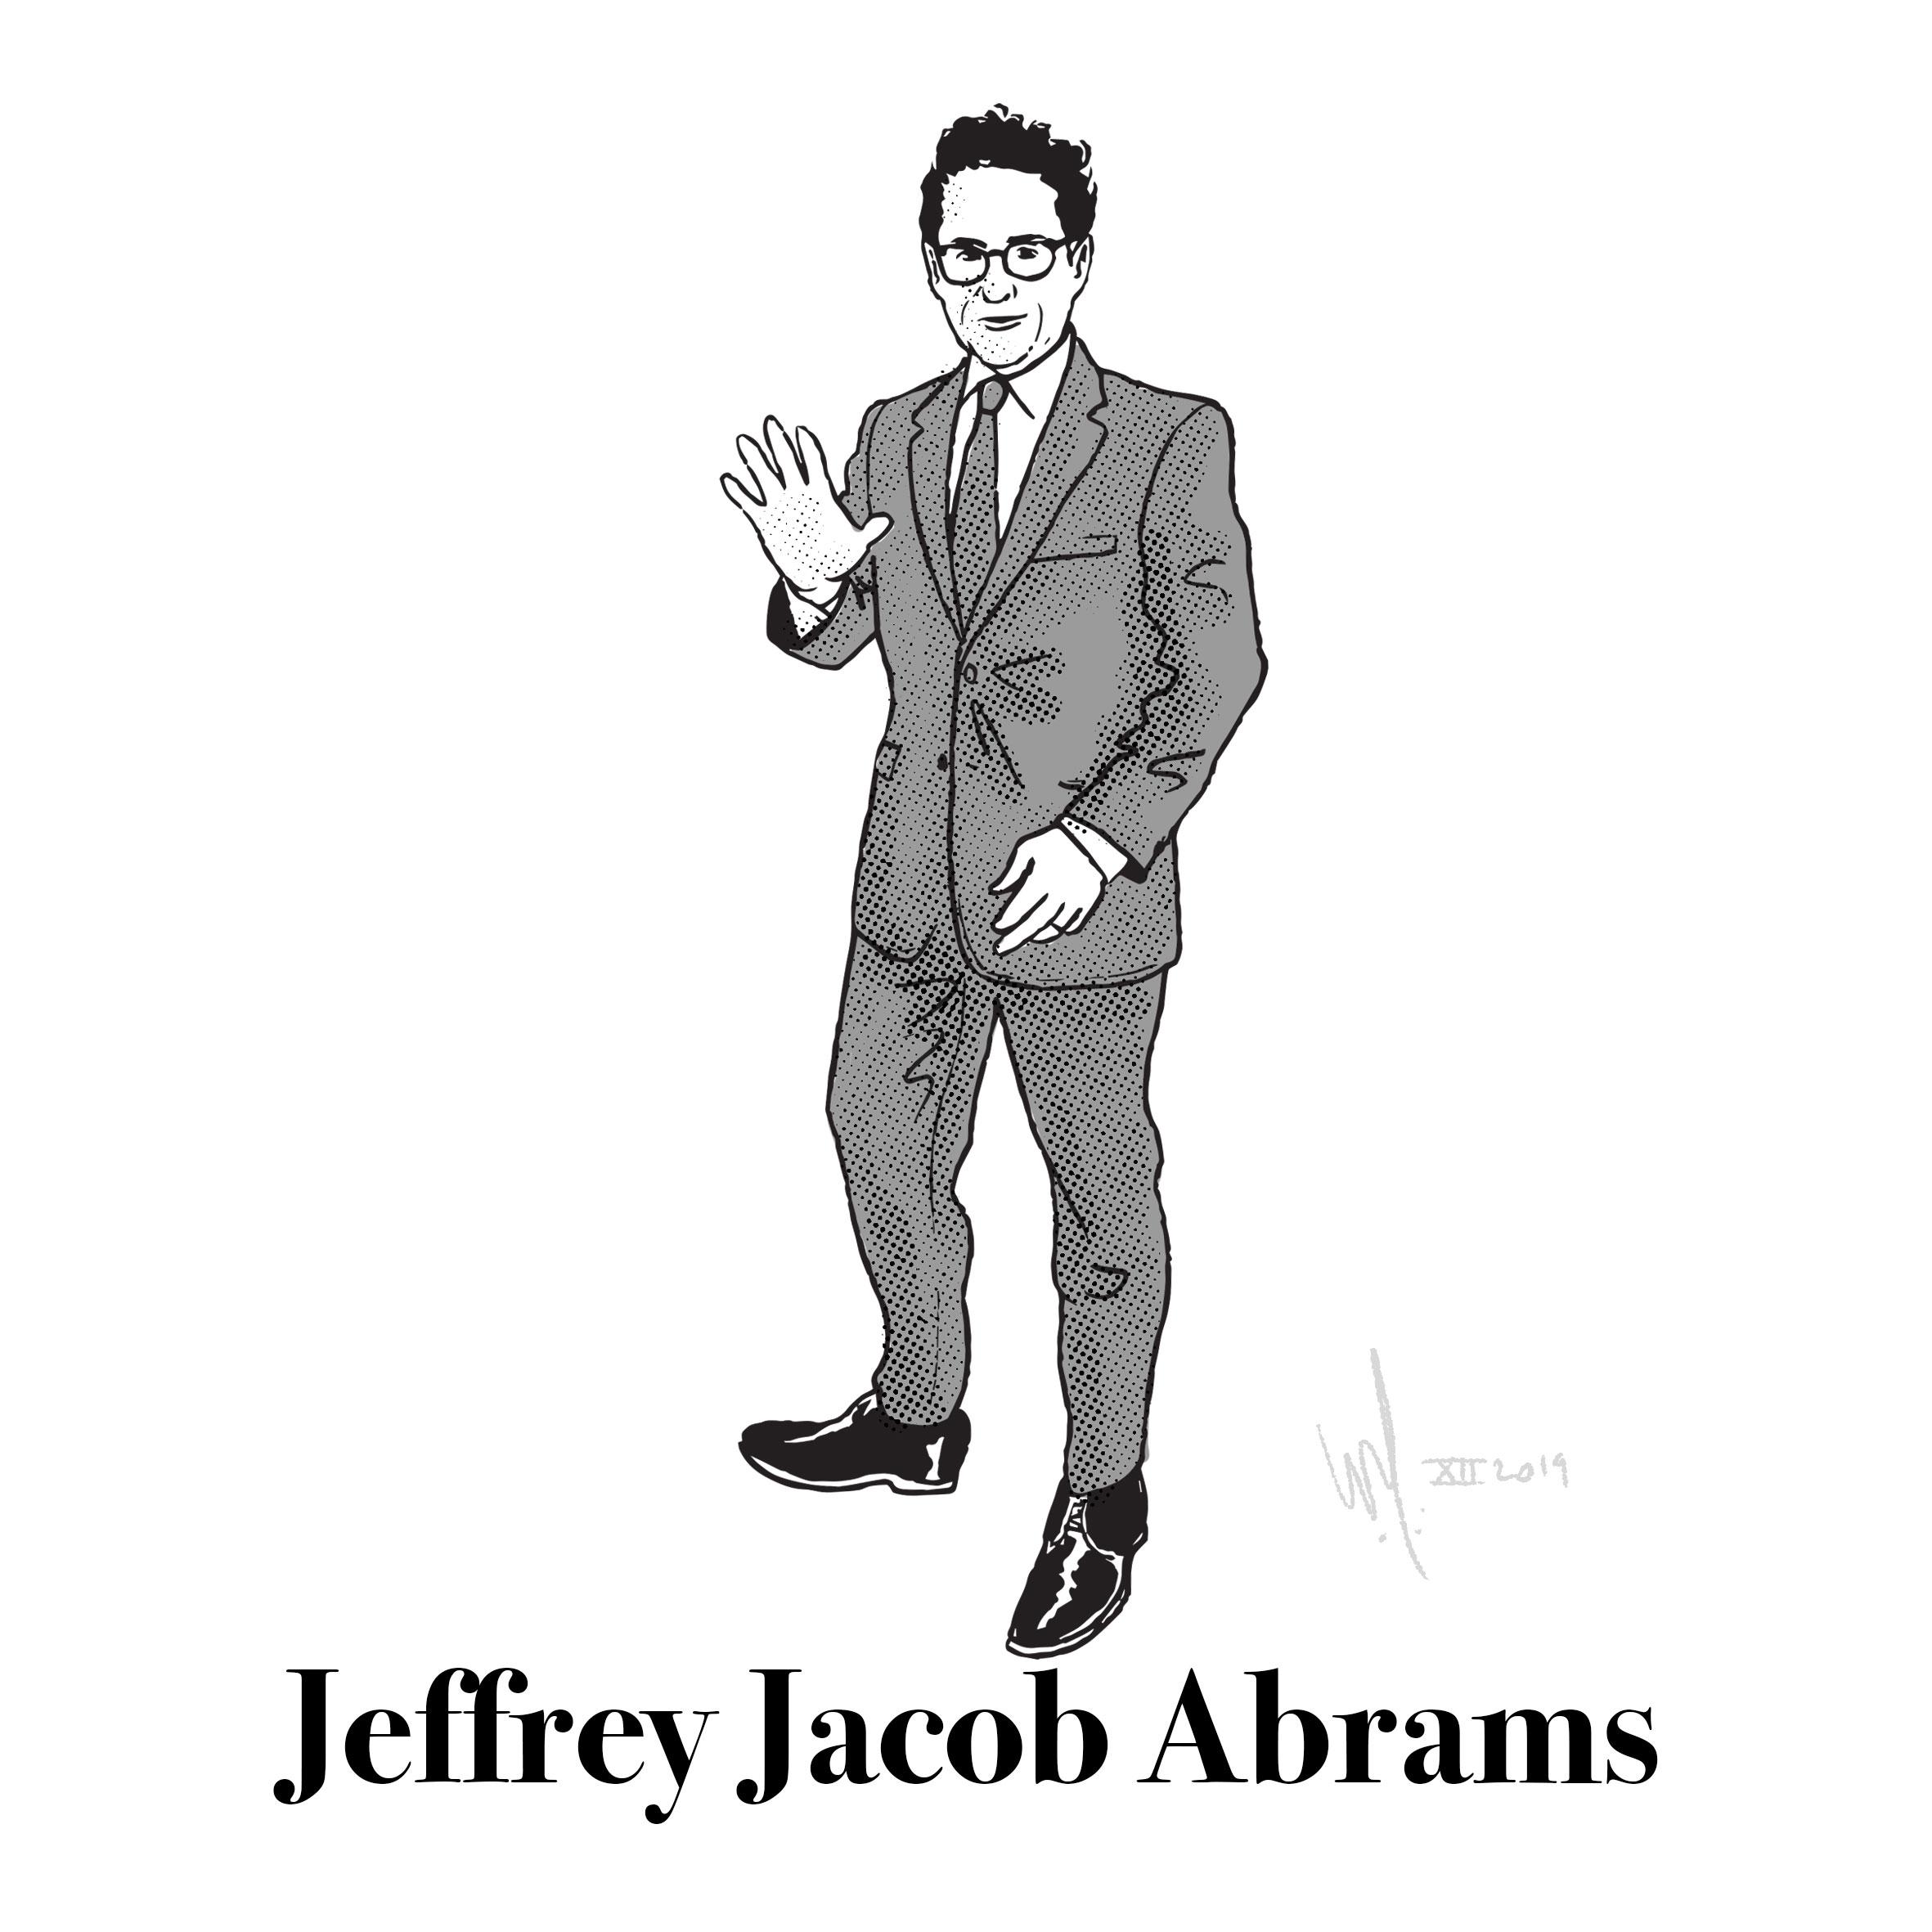 JJ_ABRAMS